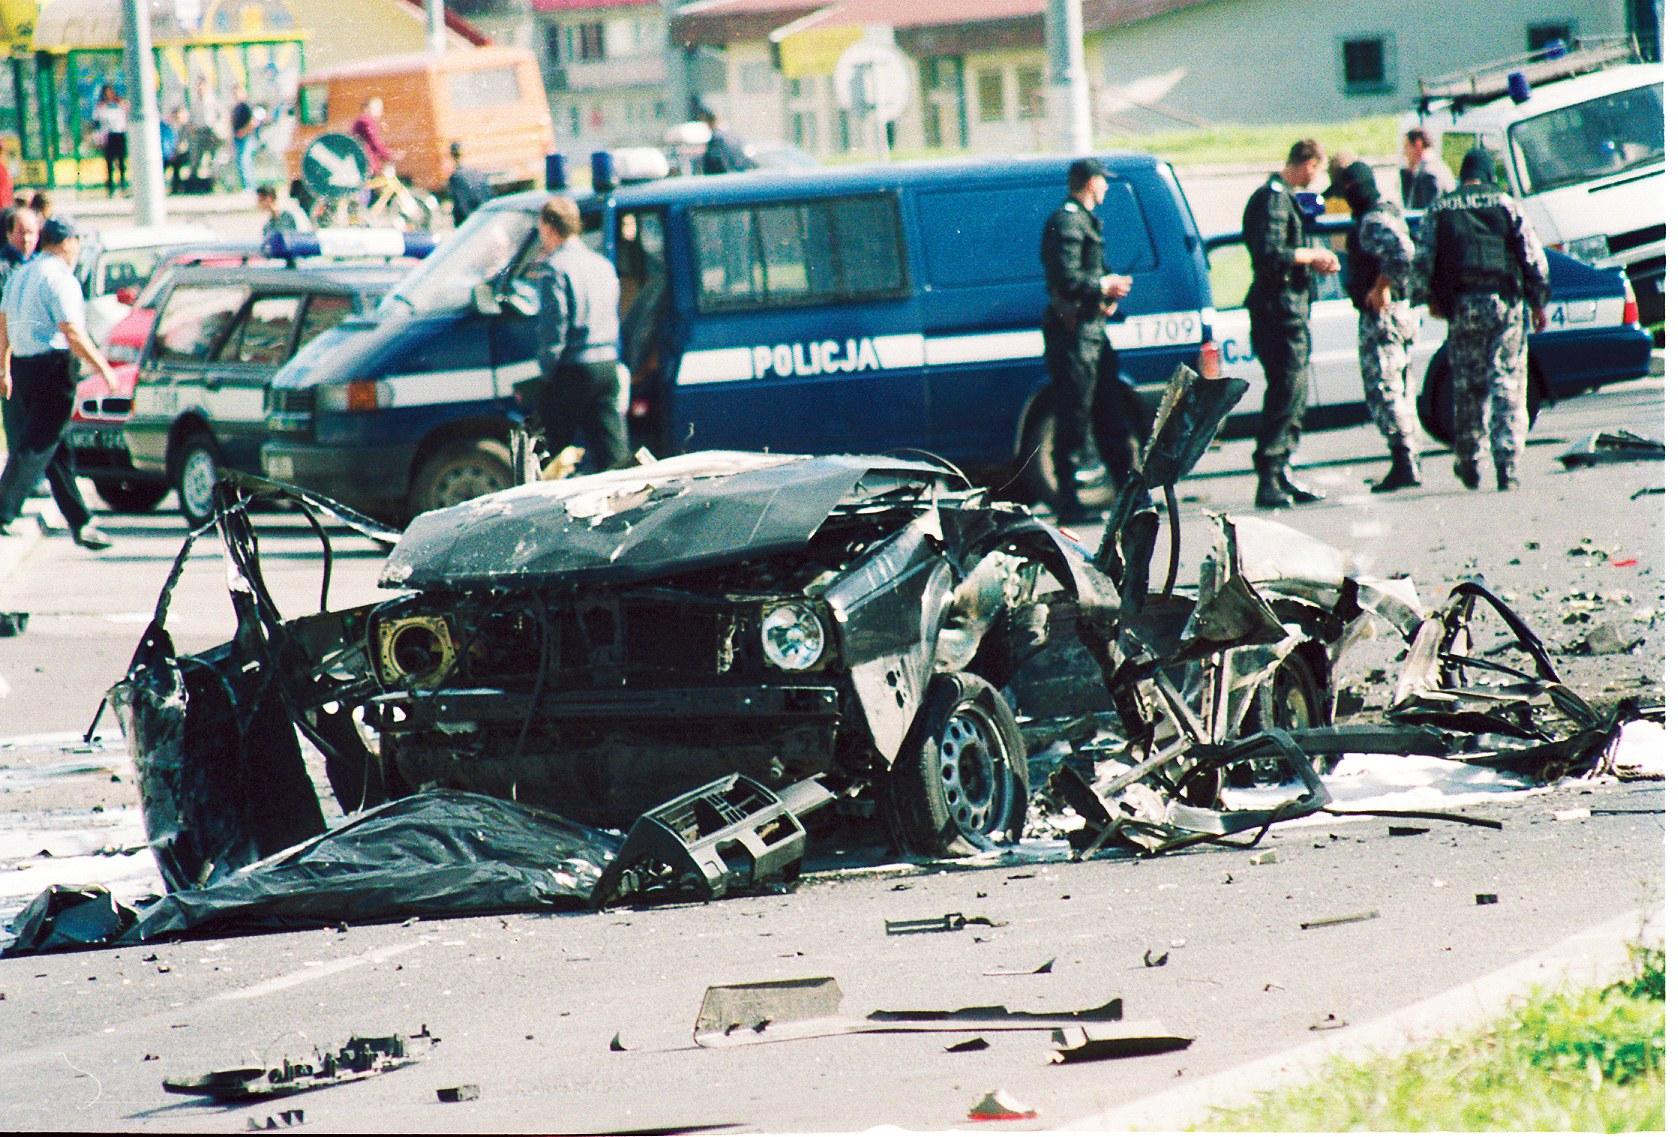 """672e7be403 W drugiej połowie 2000 r. miała swoje apogeum wojna gangów w Olsztynie.  Egzekucja """"Lenina"""" oznaczała"""